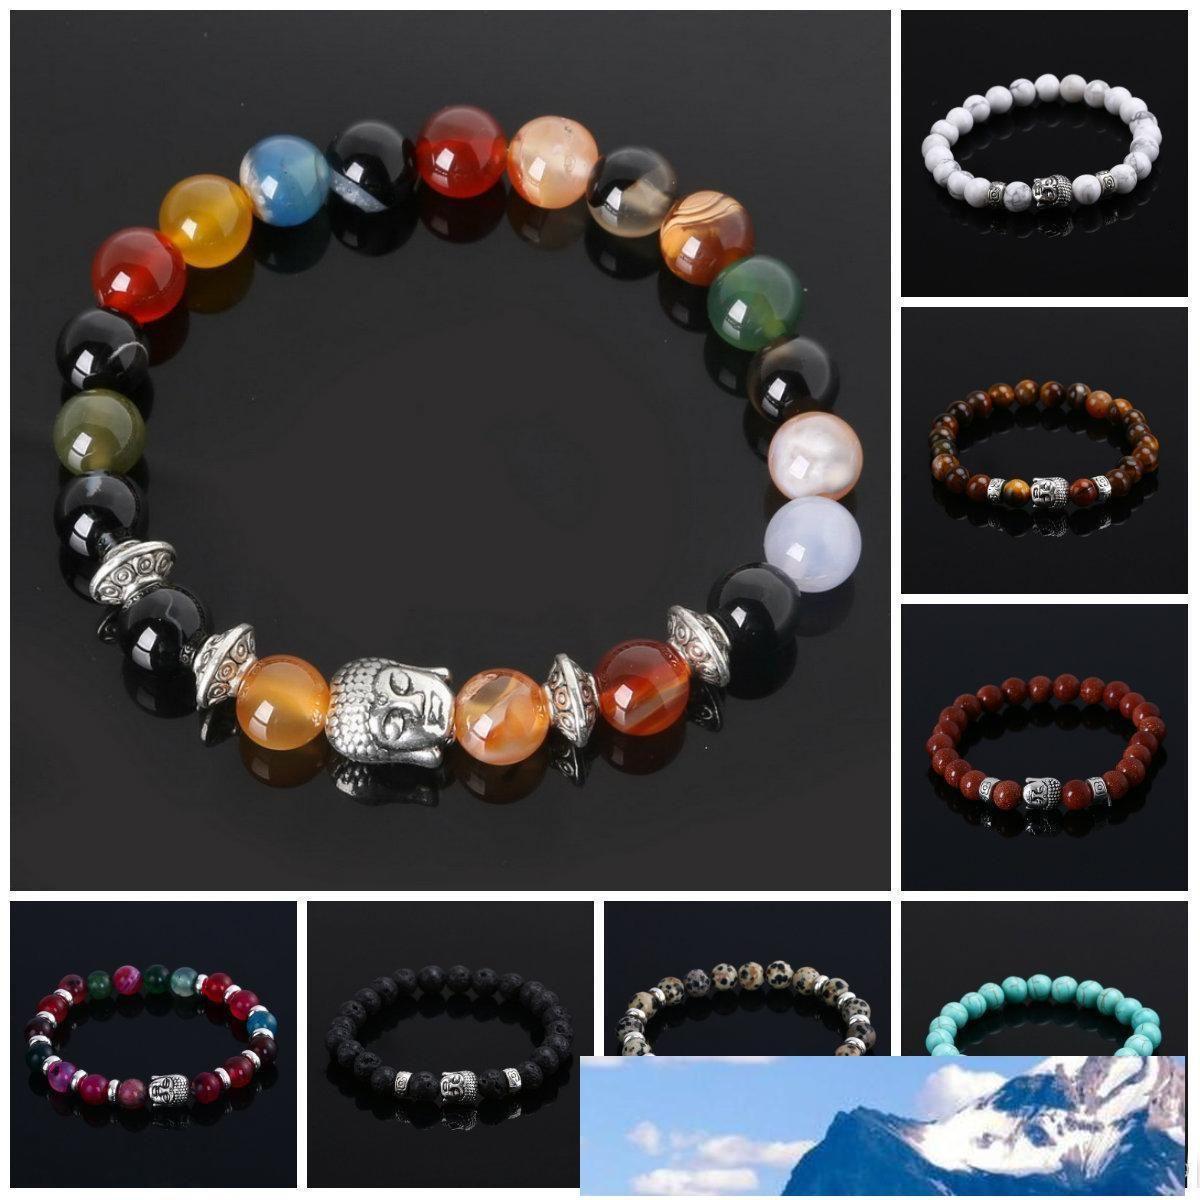 Mens Bracciali Gioielli di lusso perline naturali Bella dei braccialetti economici rilievo Buddha per gli uomini donne Buddha Lava Chakra Bracciale